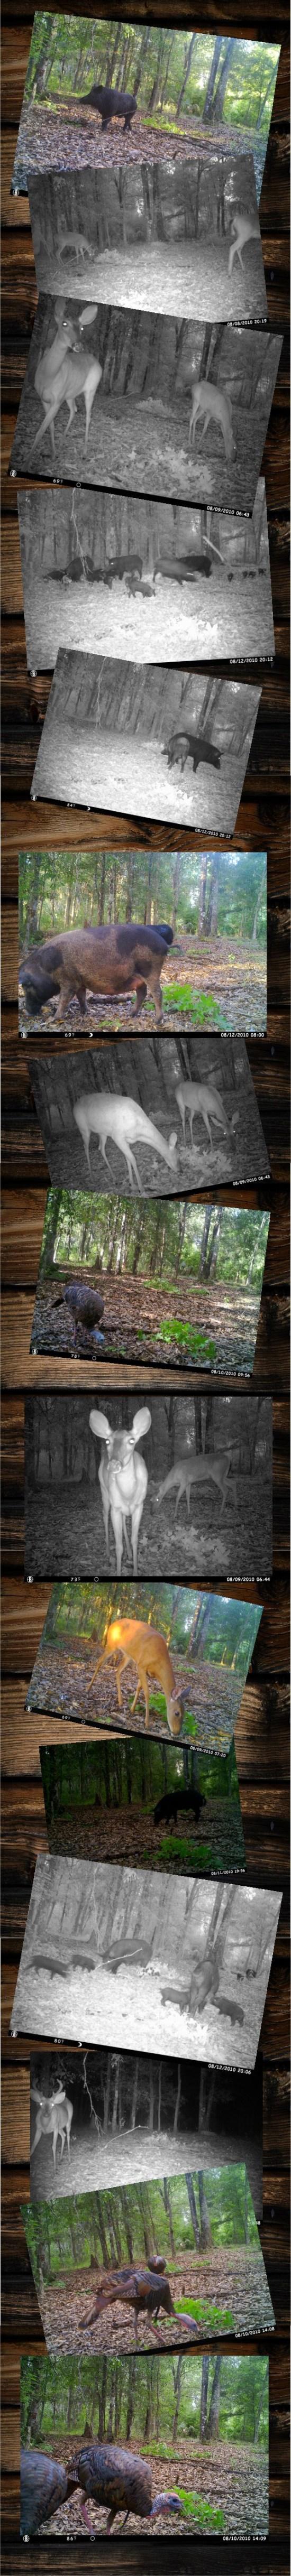 cam collage 8-14-13